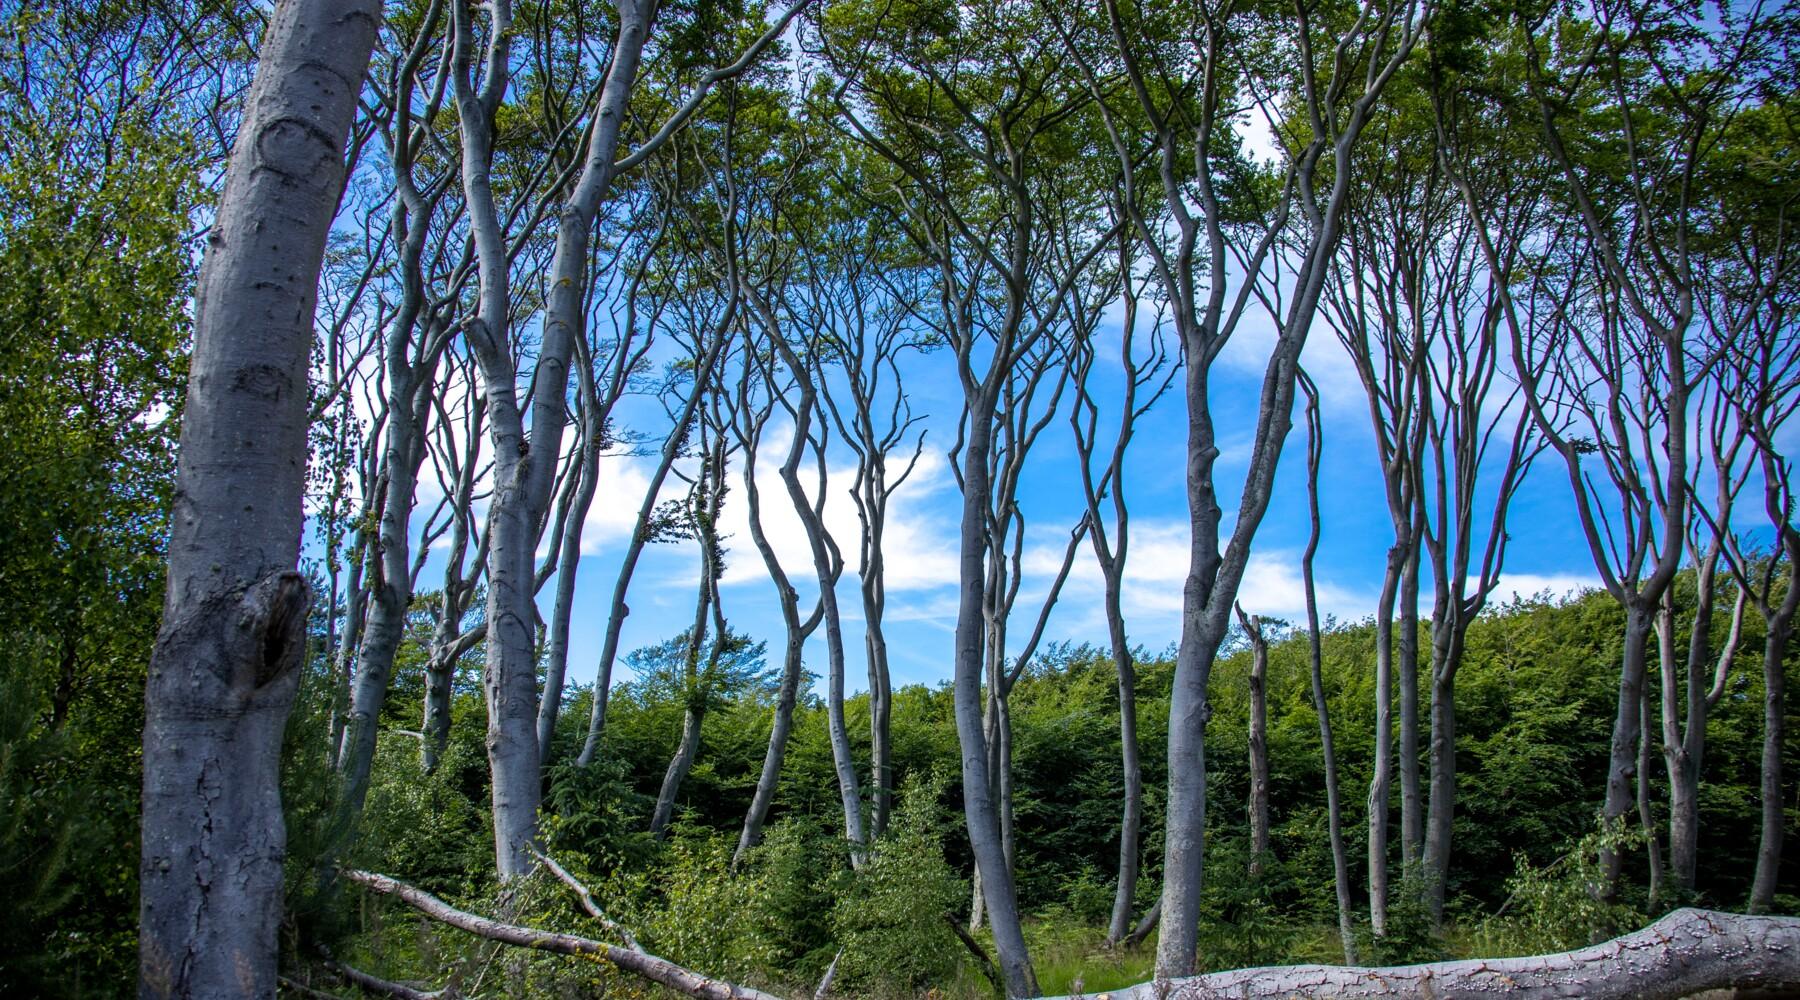 Les arbres, ces géants qui nous veulent du bien